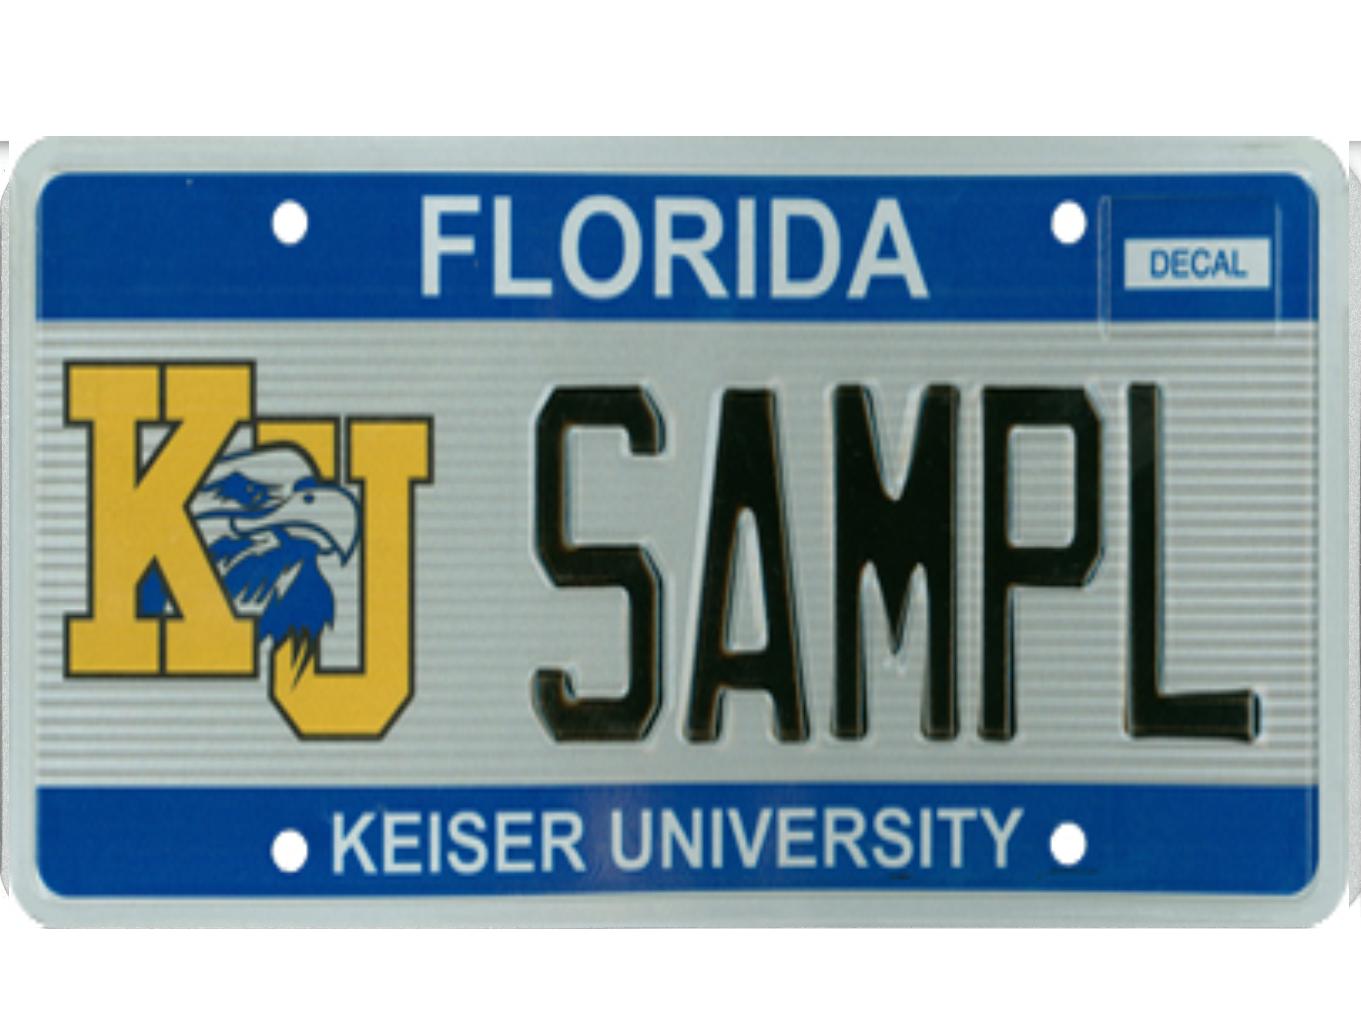 The Keiser University license plate.